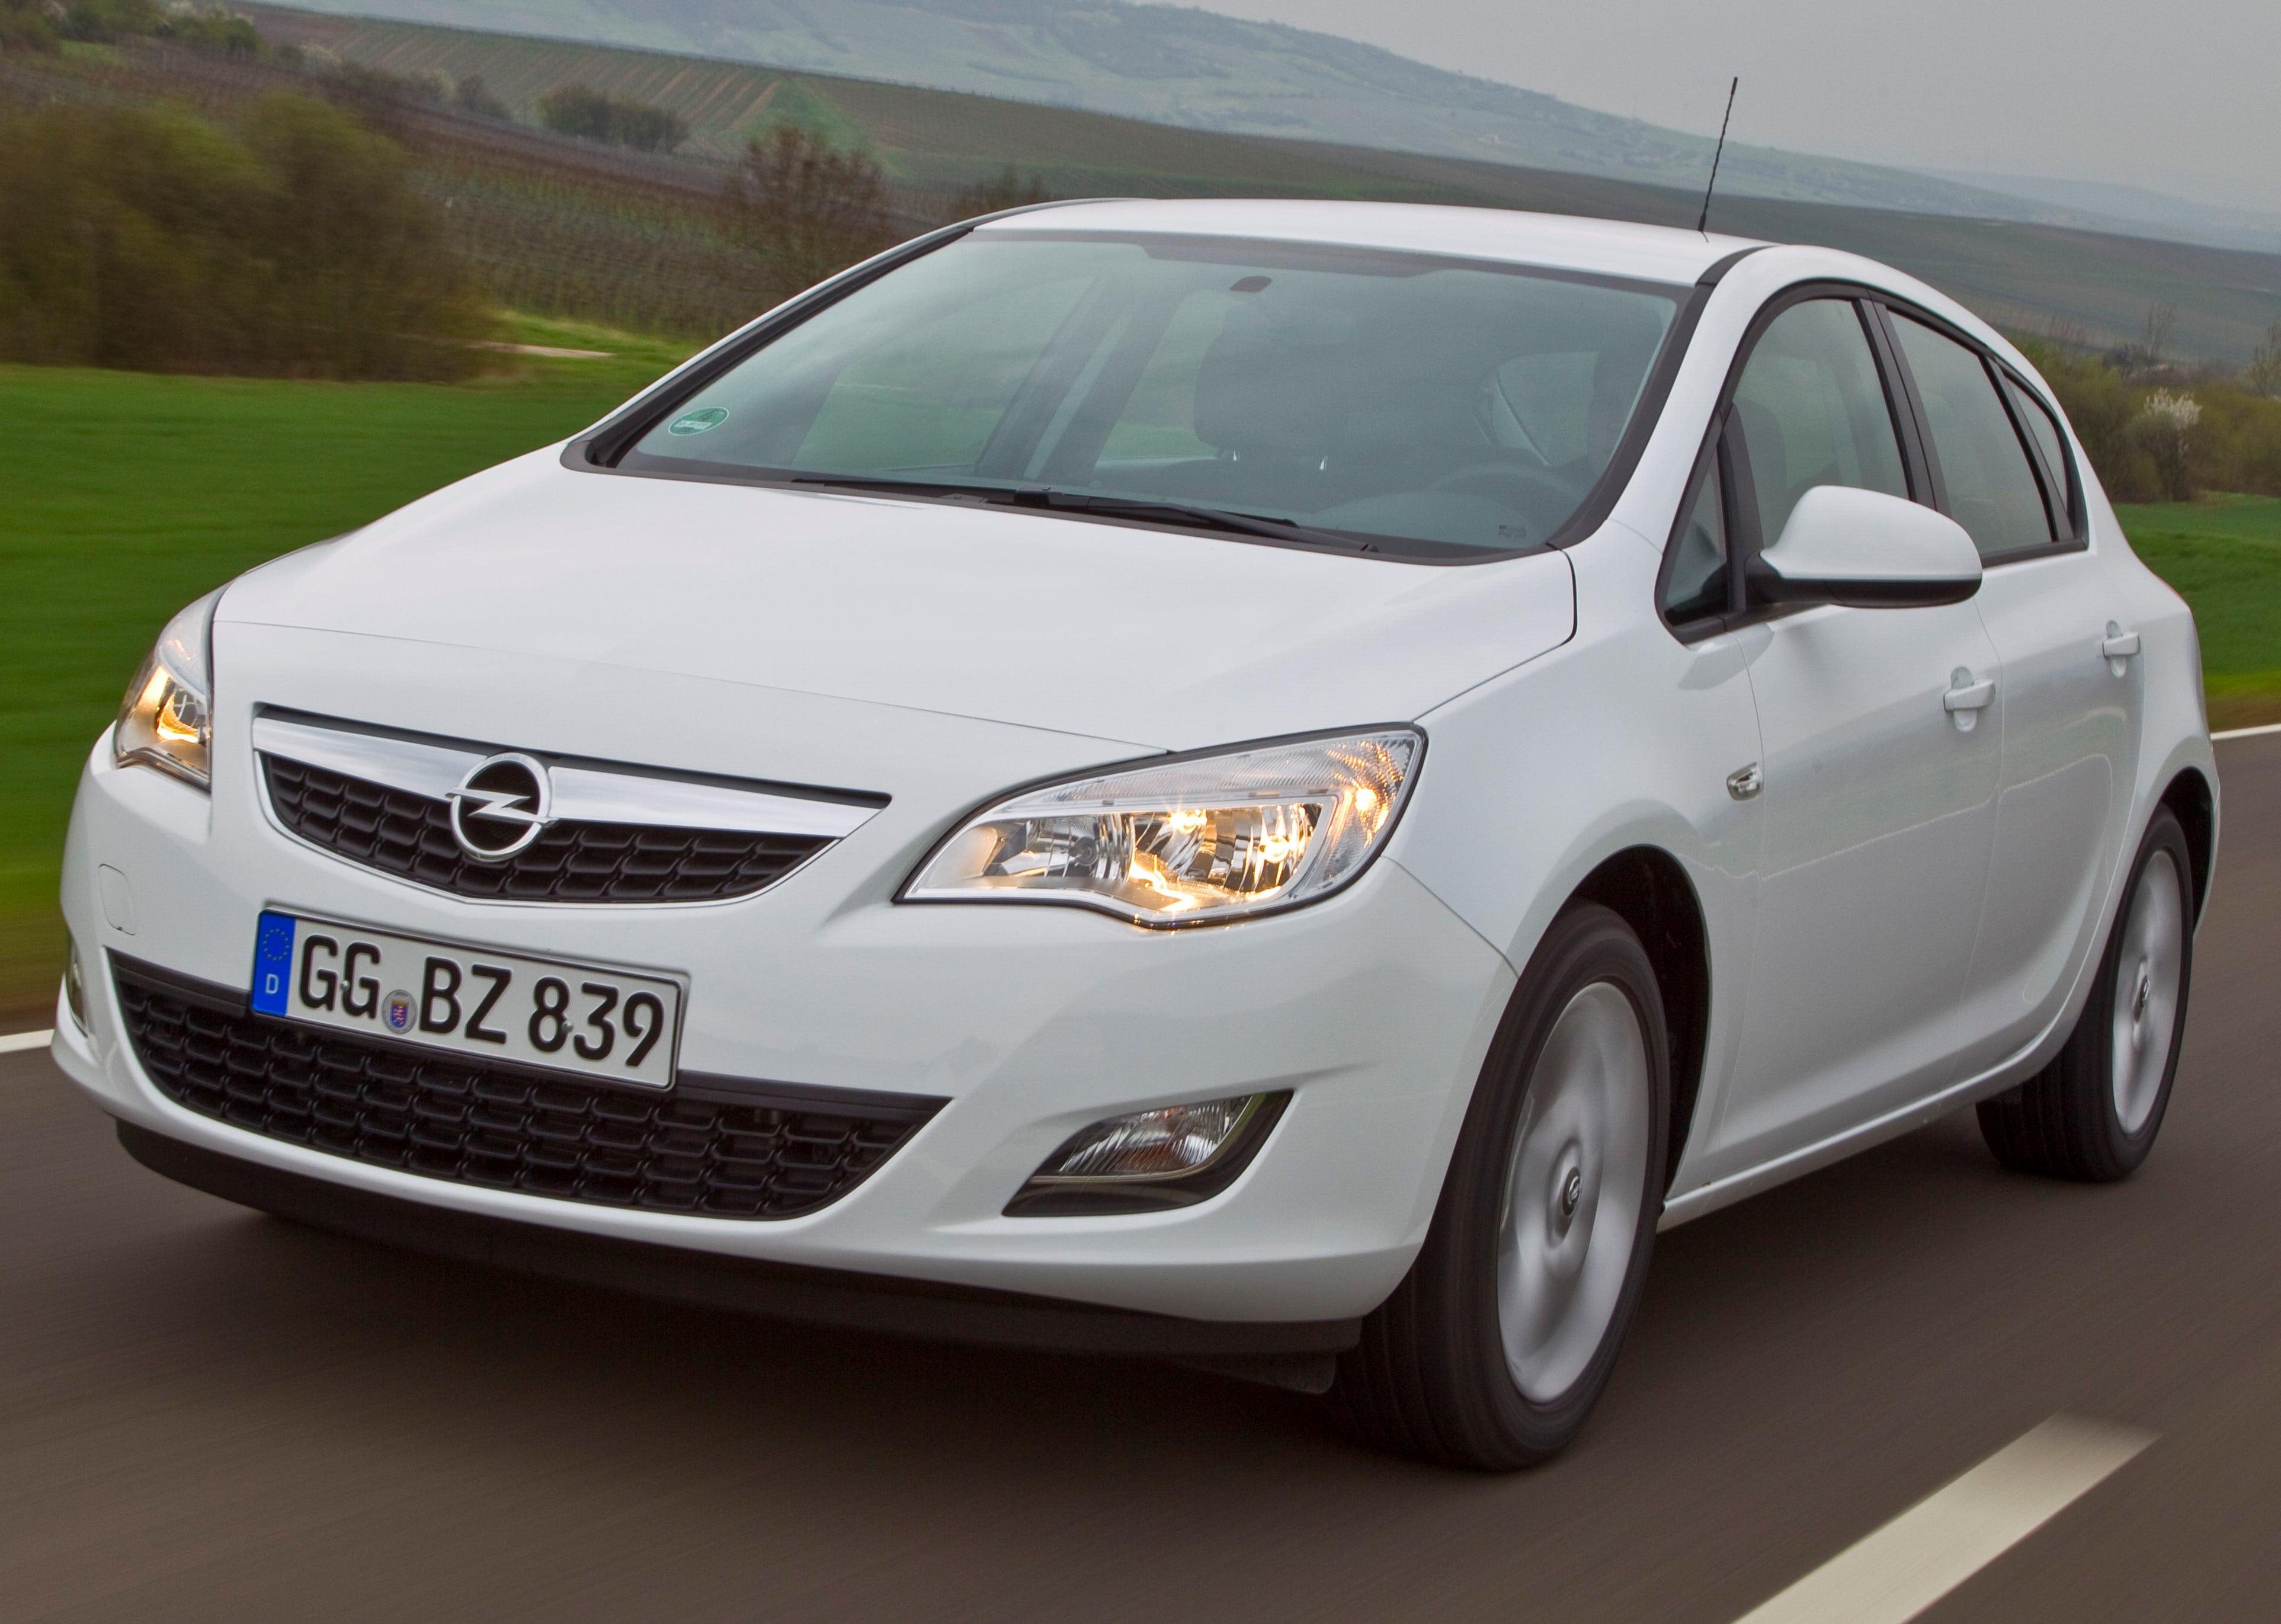 Inspektion bei einem Opel Astra der Bauphase J